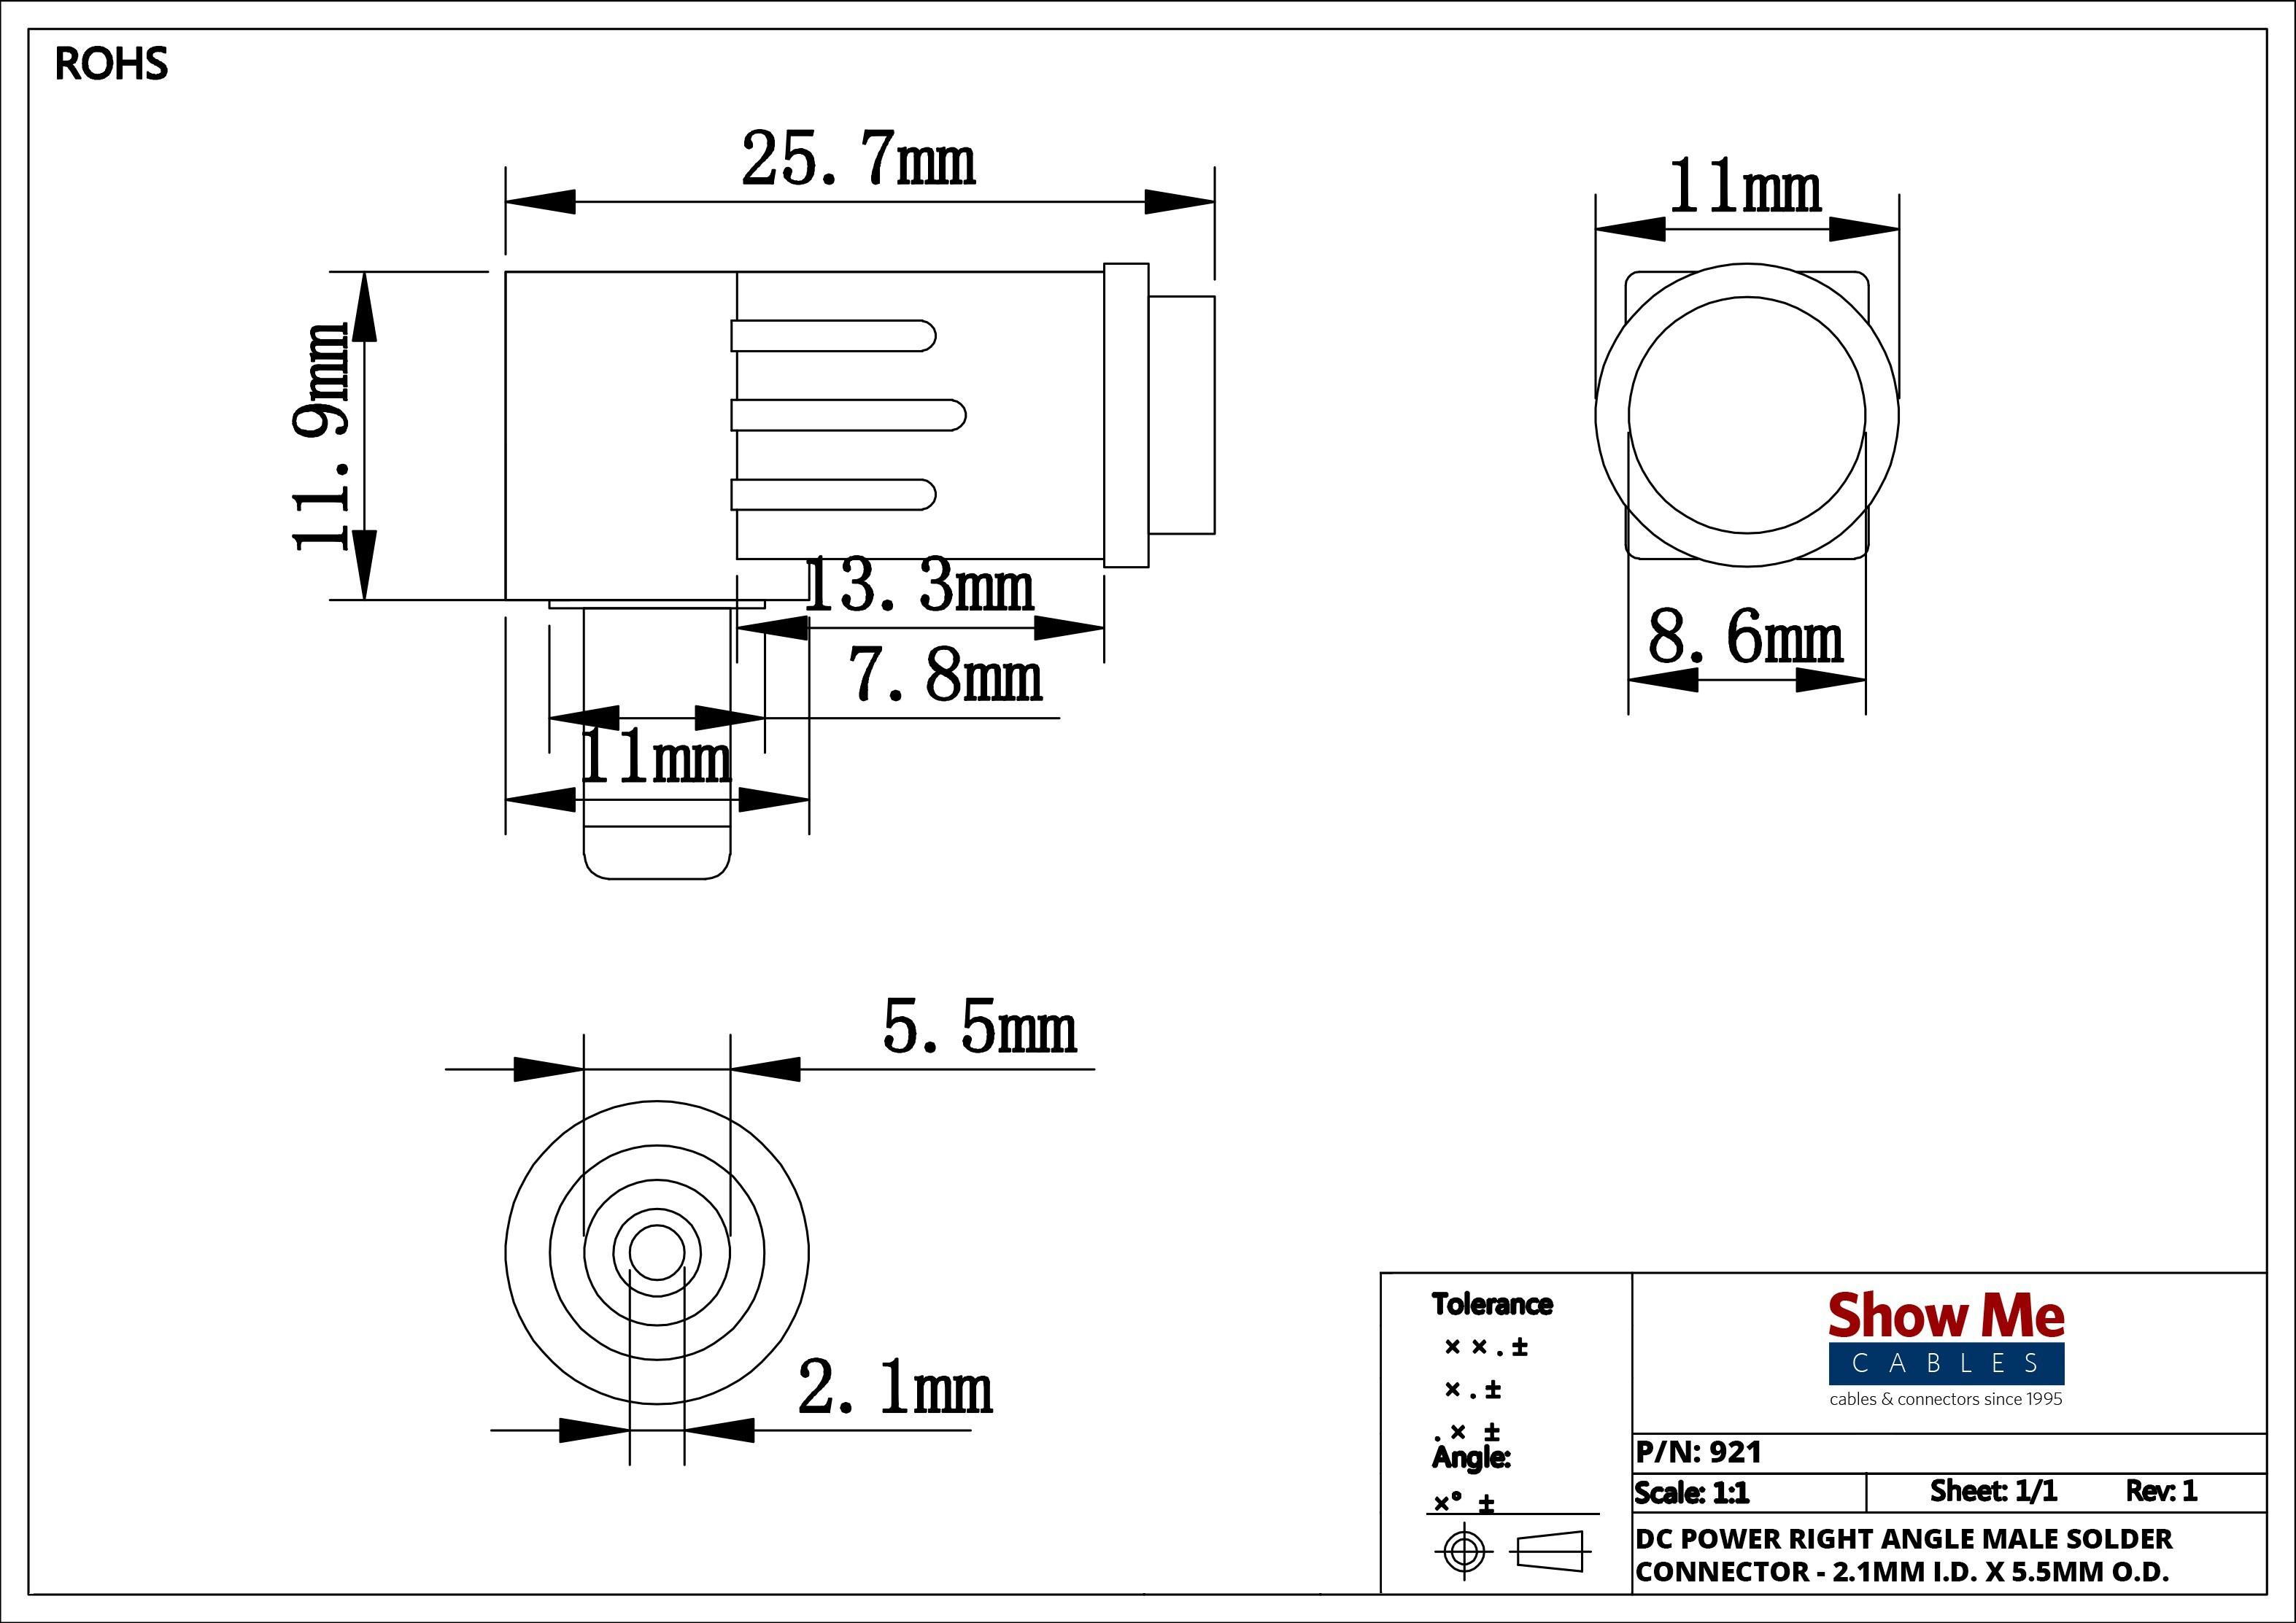 7 Prong Trailer Wiring Diagram Download   Wiring Diagram Sample - 7 Prong Trailer Wiring Diagram